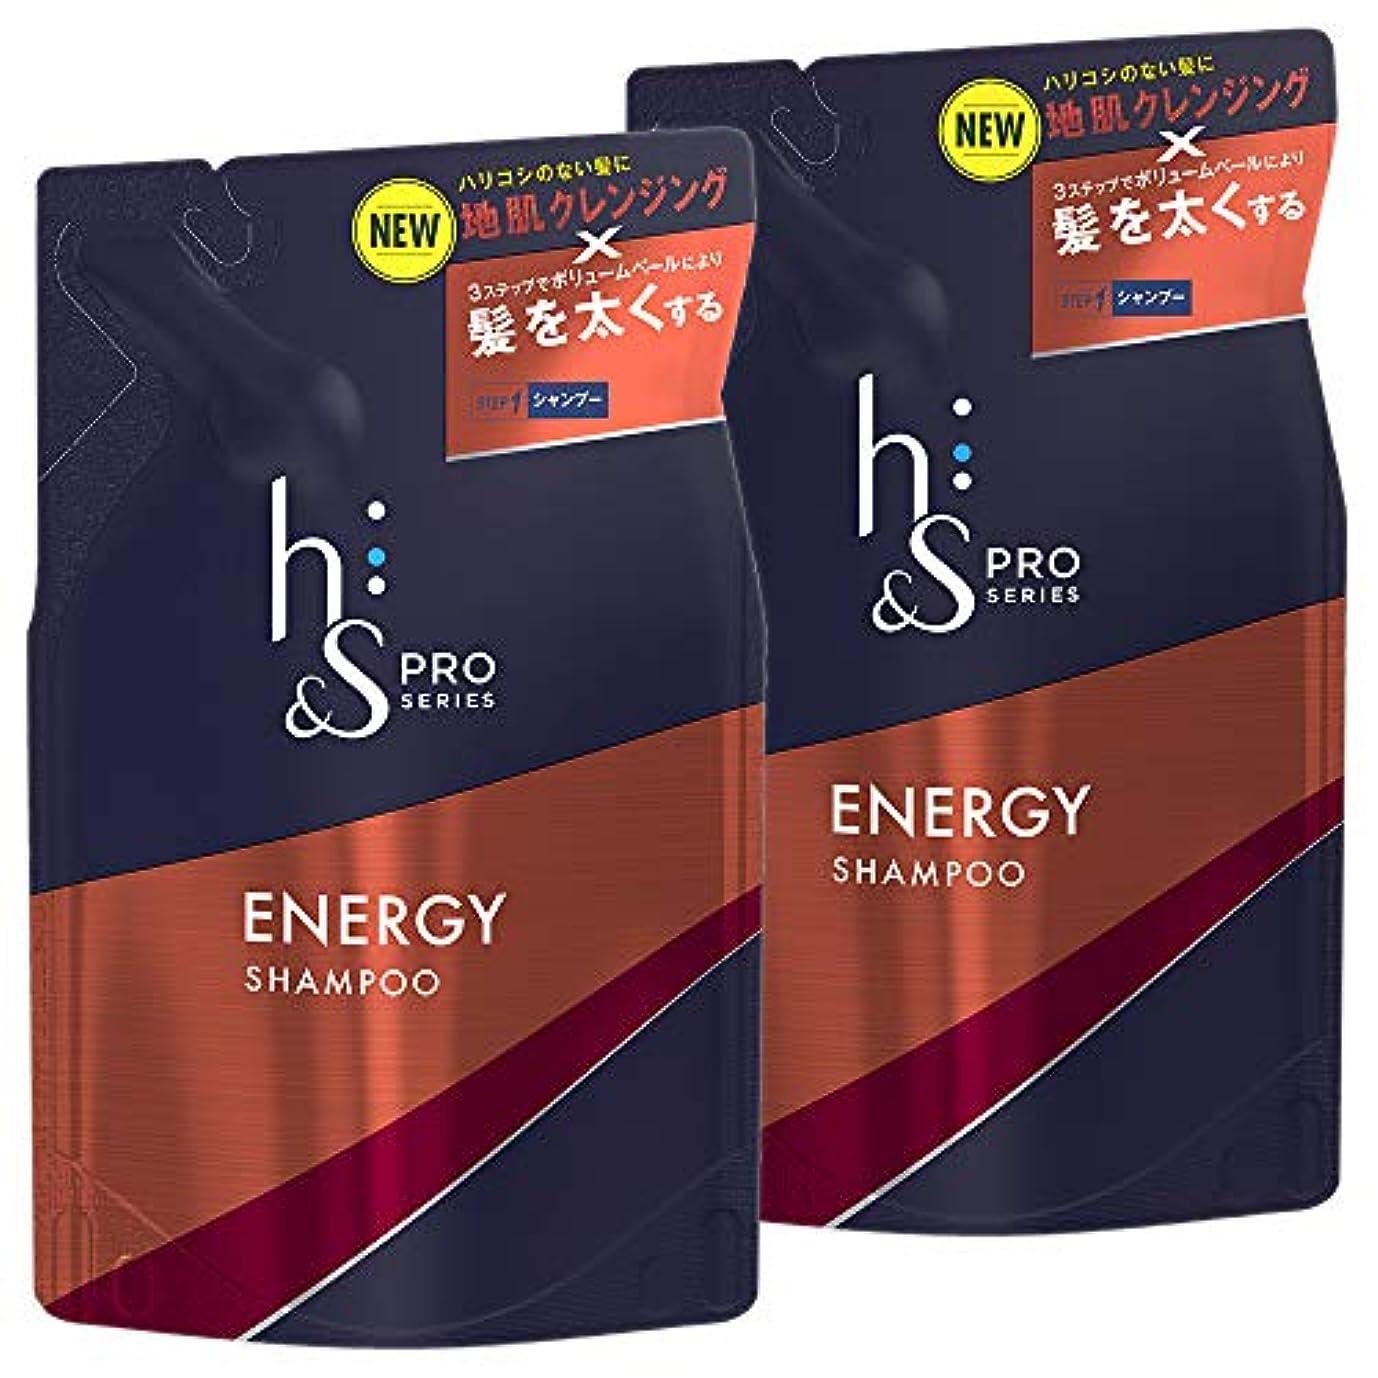 スチュアート島またはどちらか慣性【まとめ買い】 h&s for men シャンプー PRO Series エナジー 詰め替え 300mL×2個